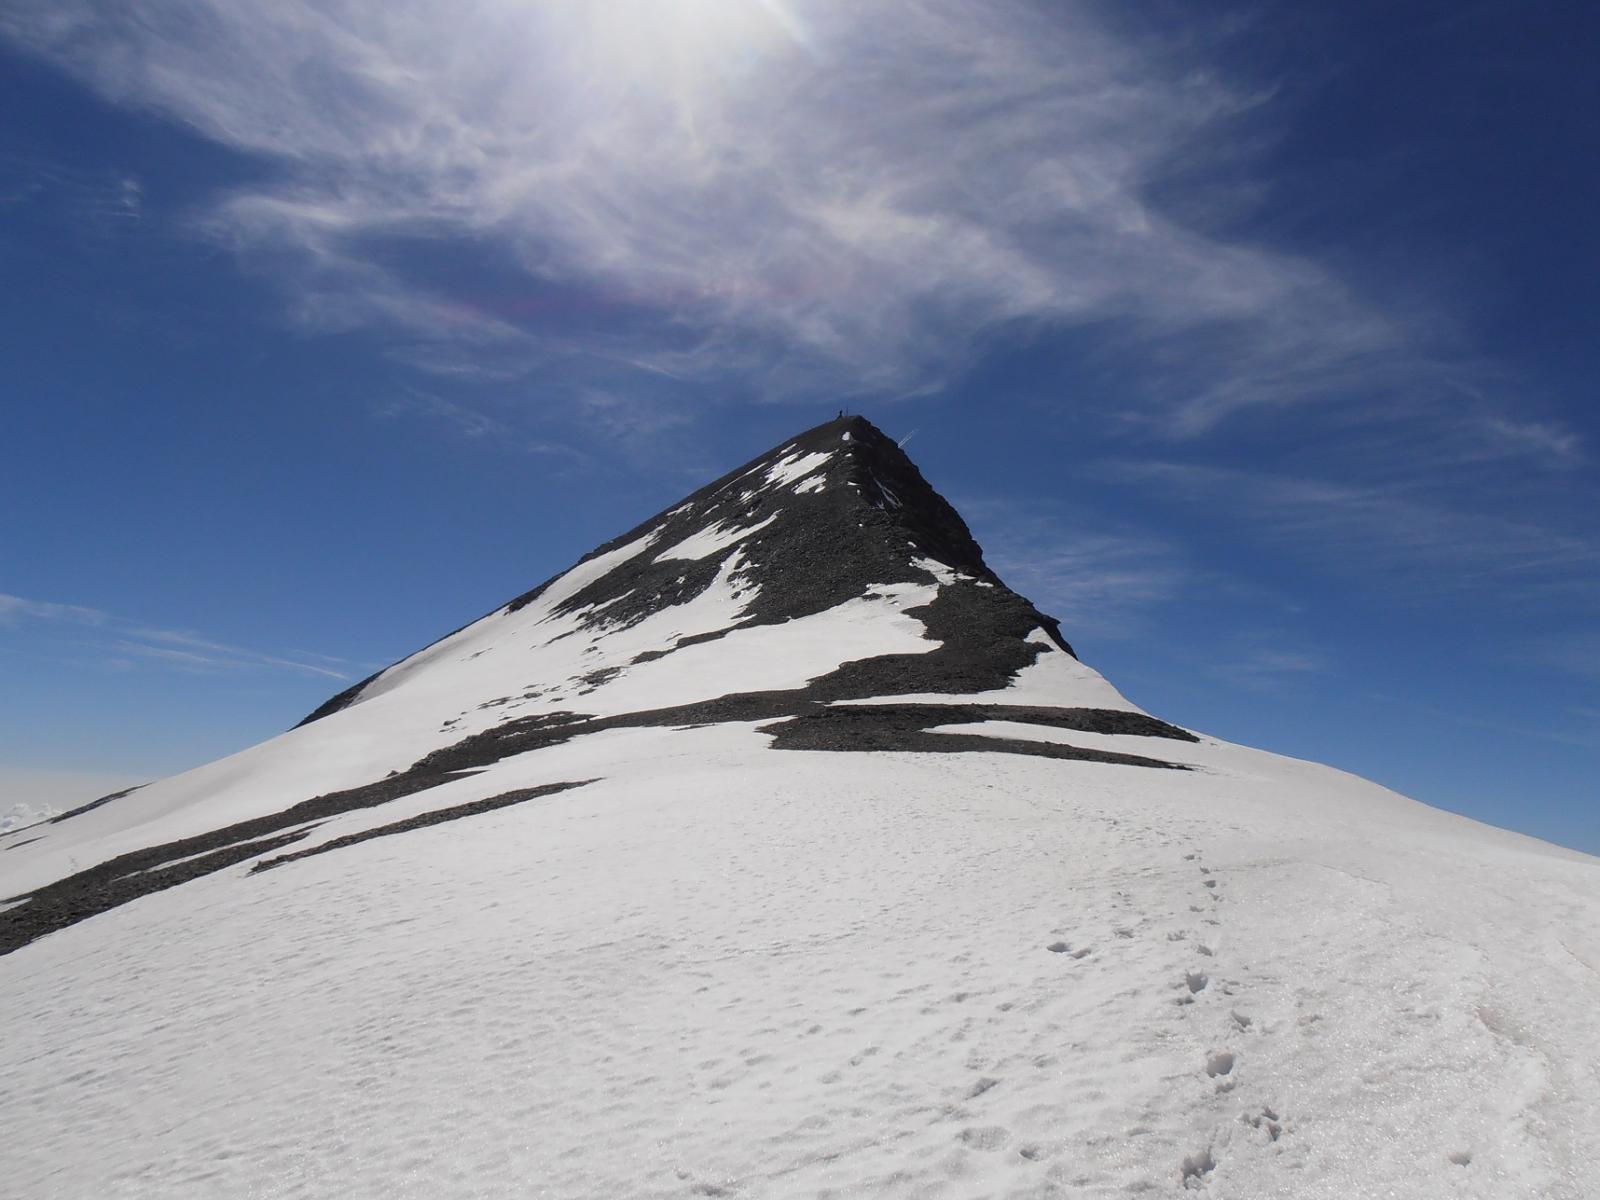 05 - appena scesi dalla cresta, inizio dei glacio-nevai